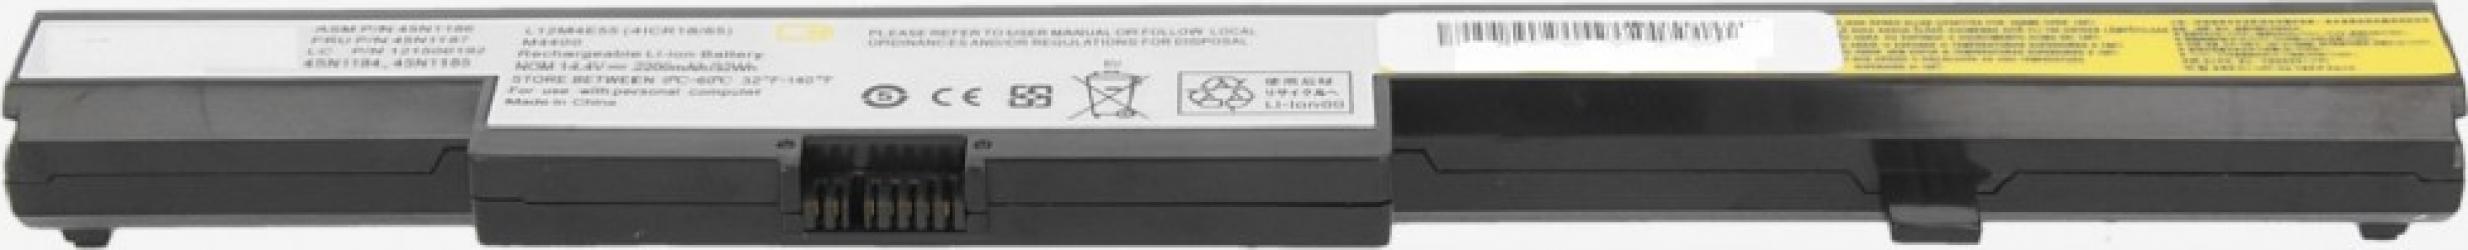 Baterie laptop Lenovo B41-80 B50 B50-10 B50-30 121500191 45N1184 45N1185 4ICR18/65 4ICR19/66 L12L4E55 L13M4A01 L13L4A01